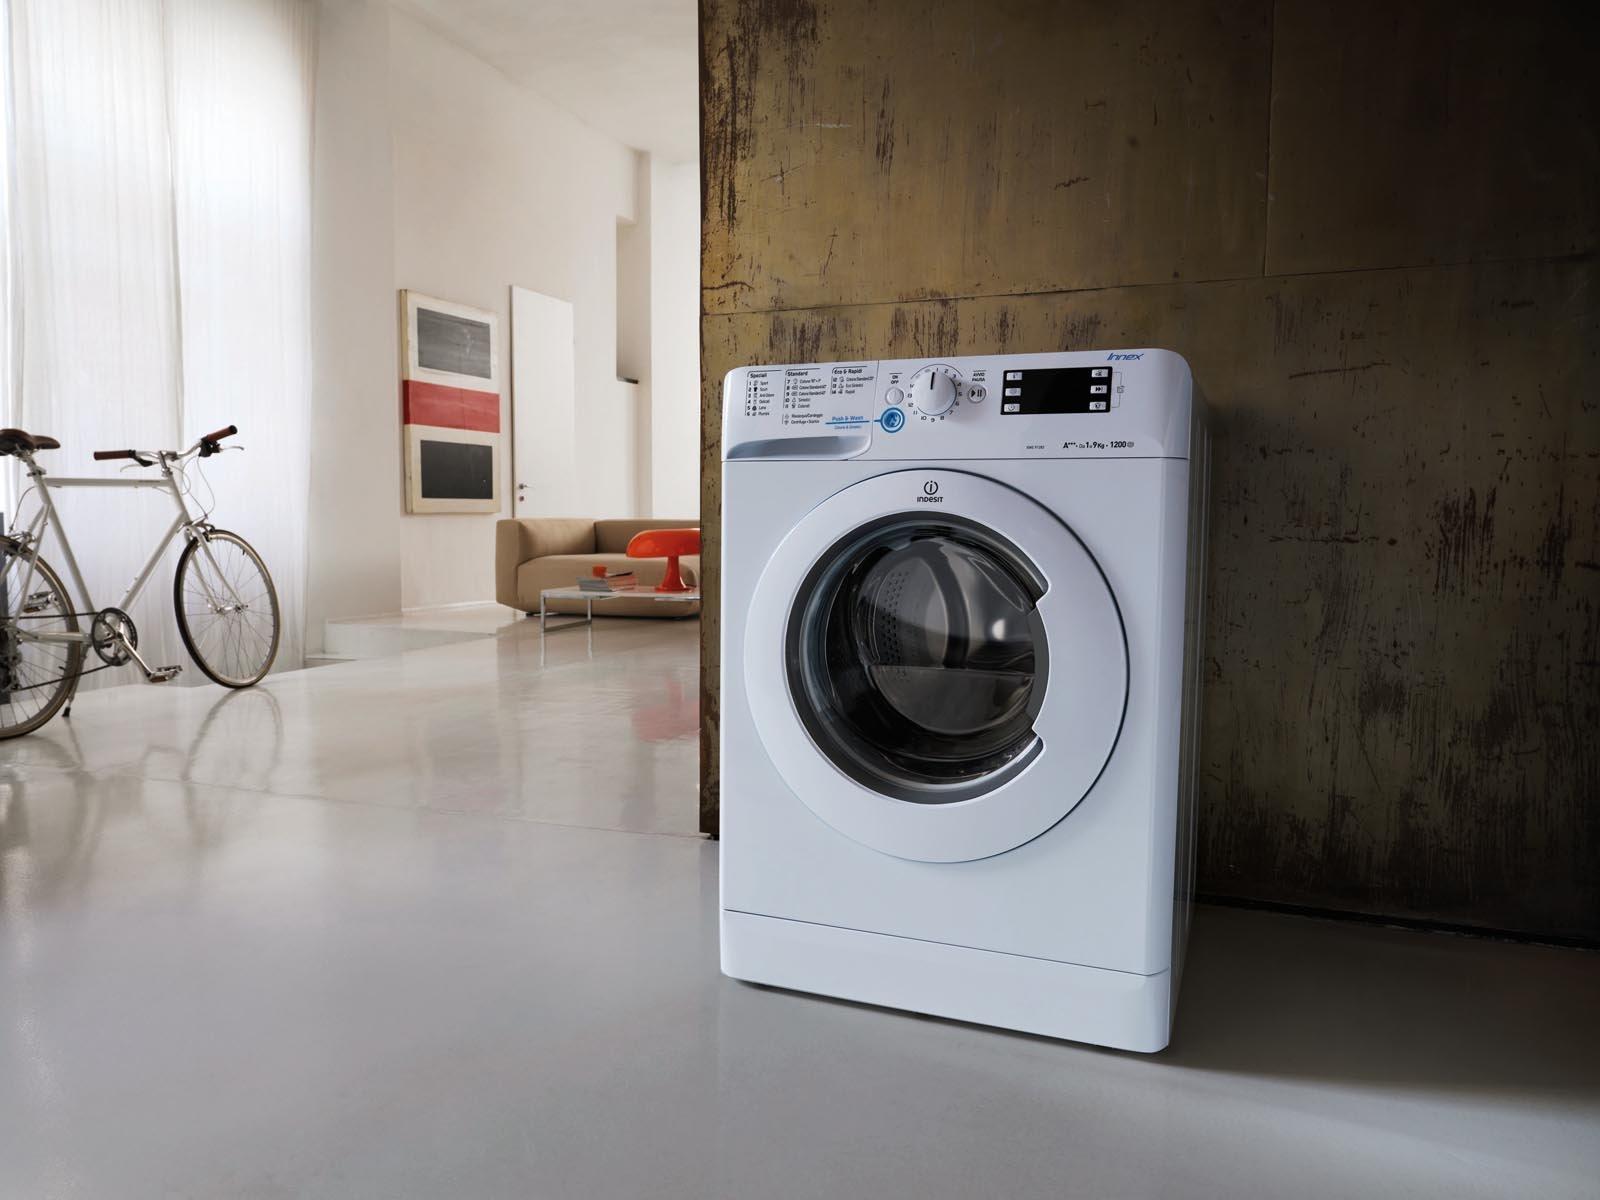 Lavatrici il modello giusto per ogni esigenza cose di casa for Miglior modello di casa